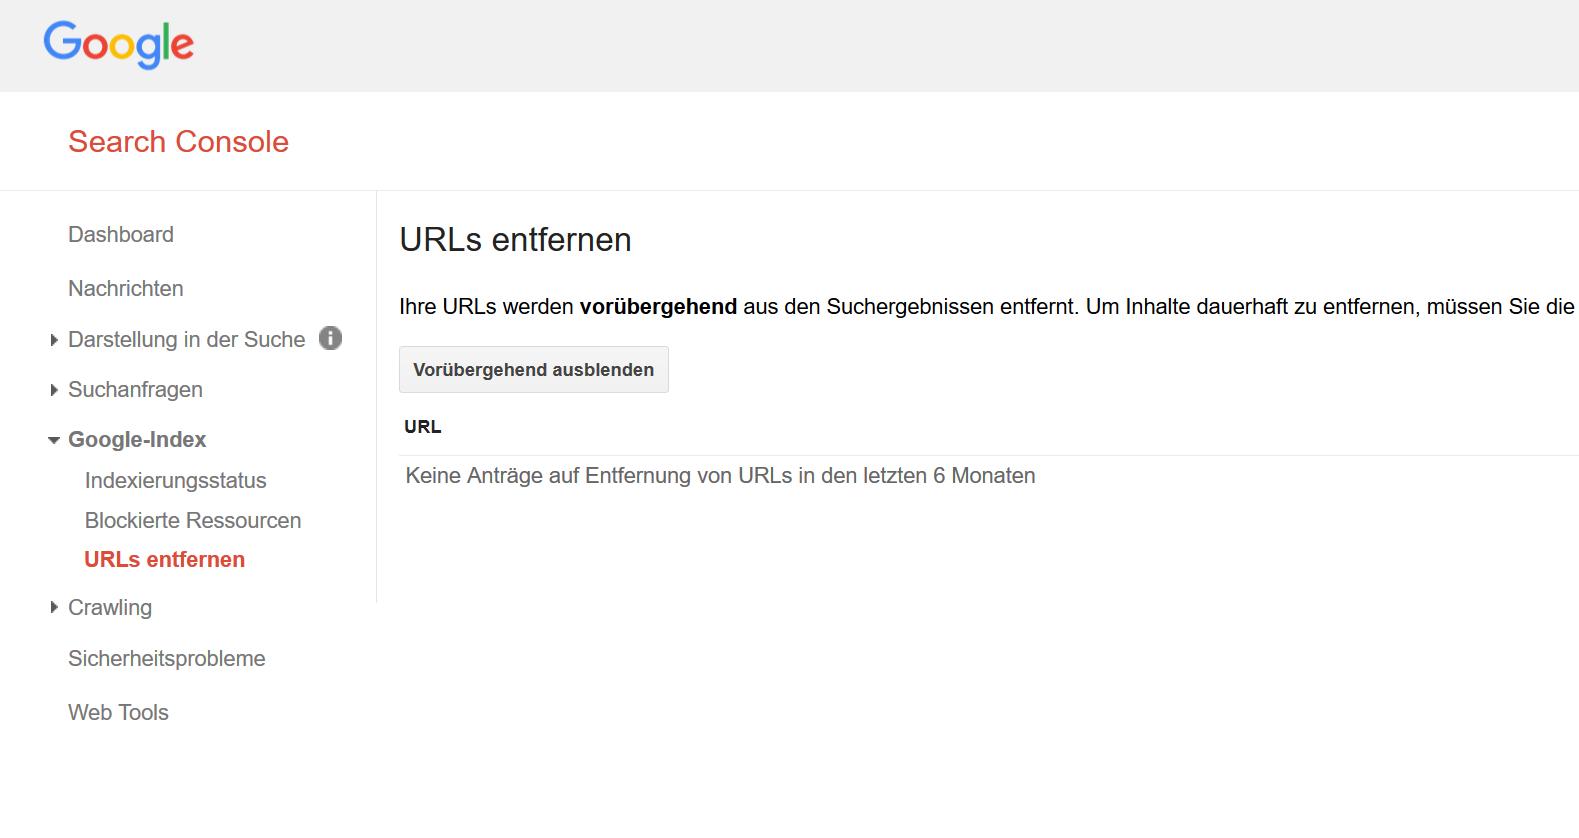 """Ansicht des """"URLs entfernen"""" Tools in der Google Search Console."""